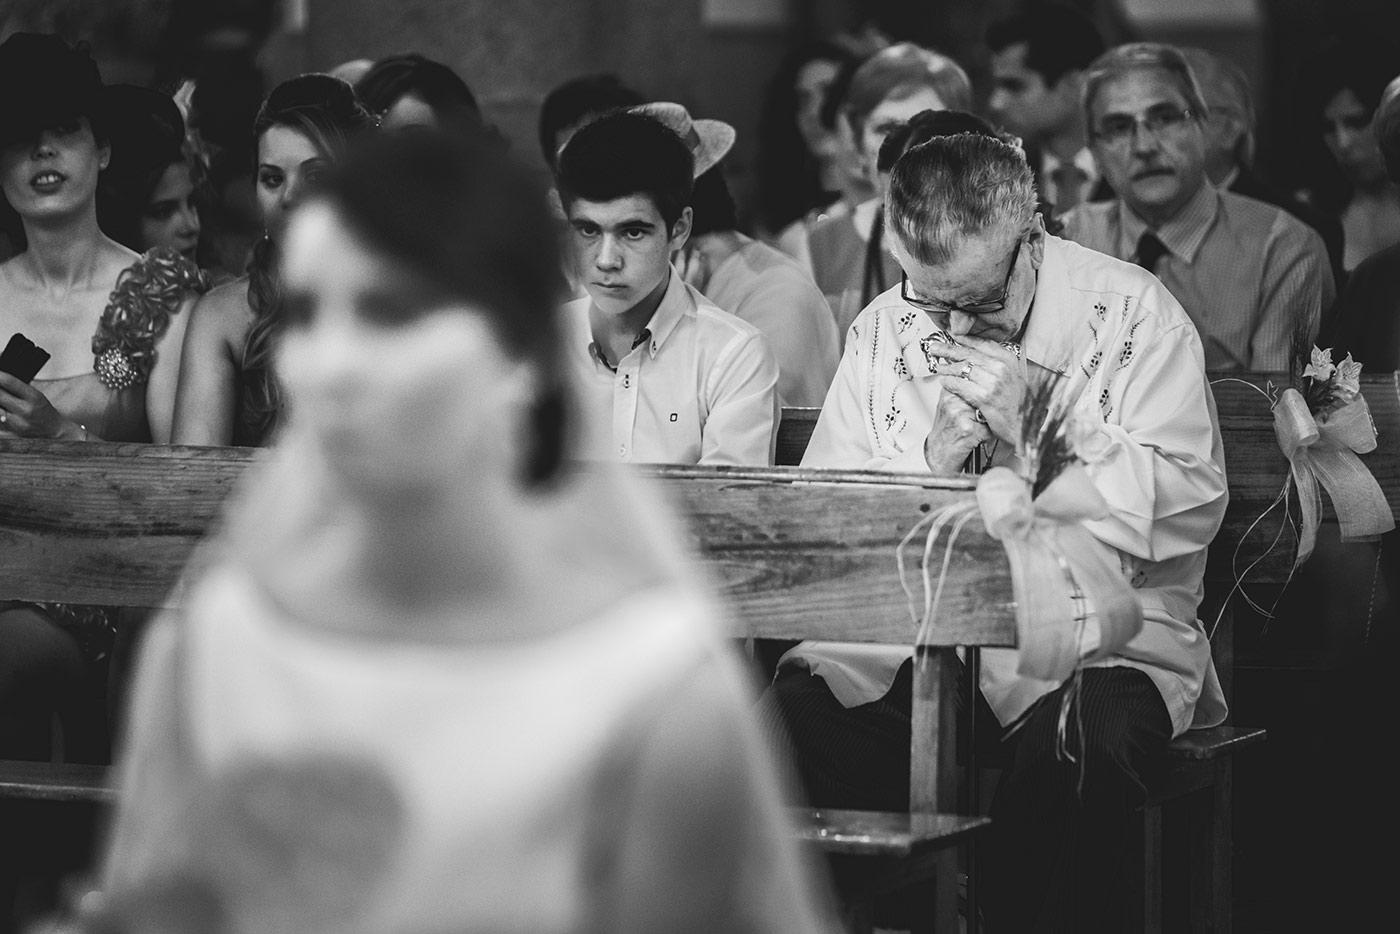 Fotografia de bodas, Detalles de bodas, fotógrafos de bodas, bodas Córdoba, Ceremonia, Iglesia